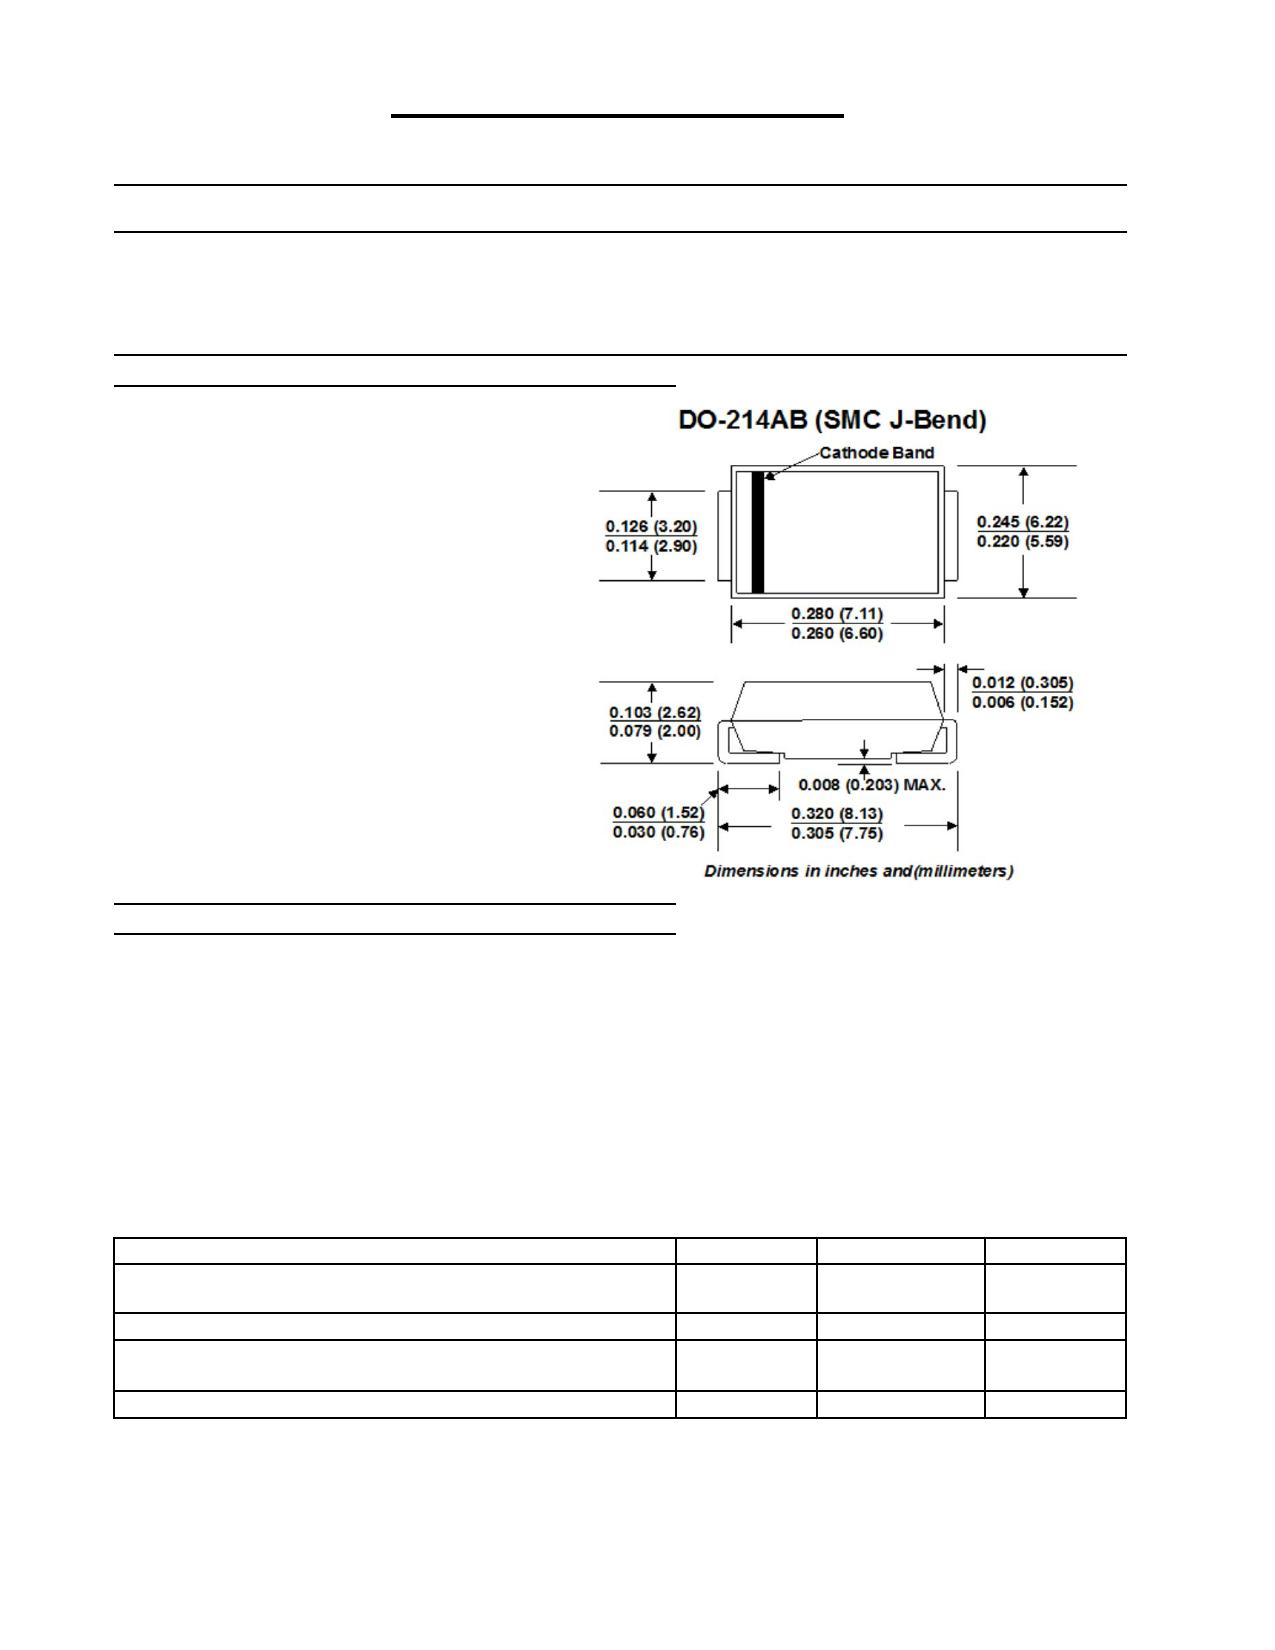 5.0SMLJ120A datasheet